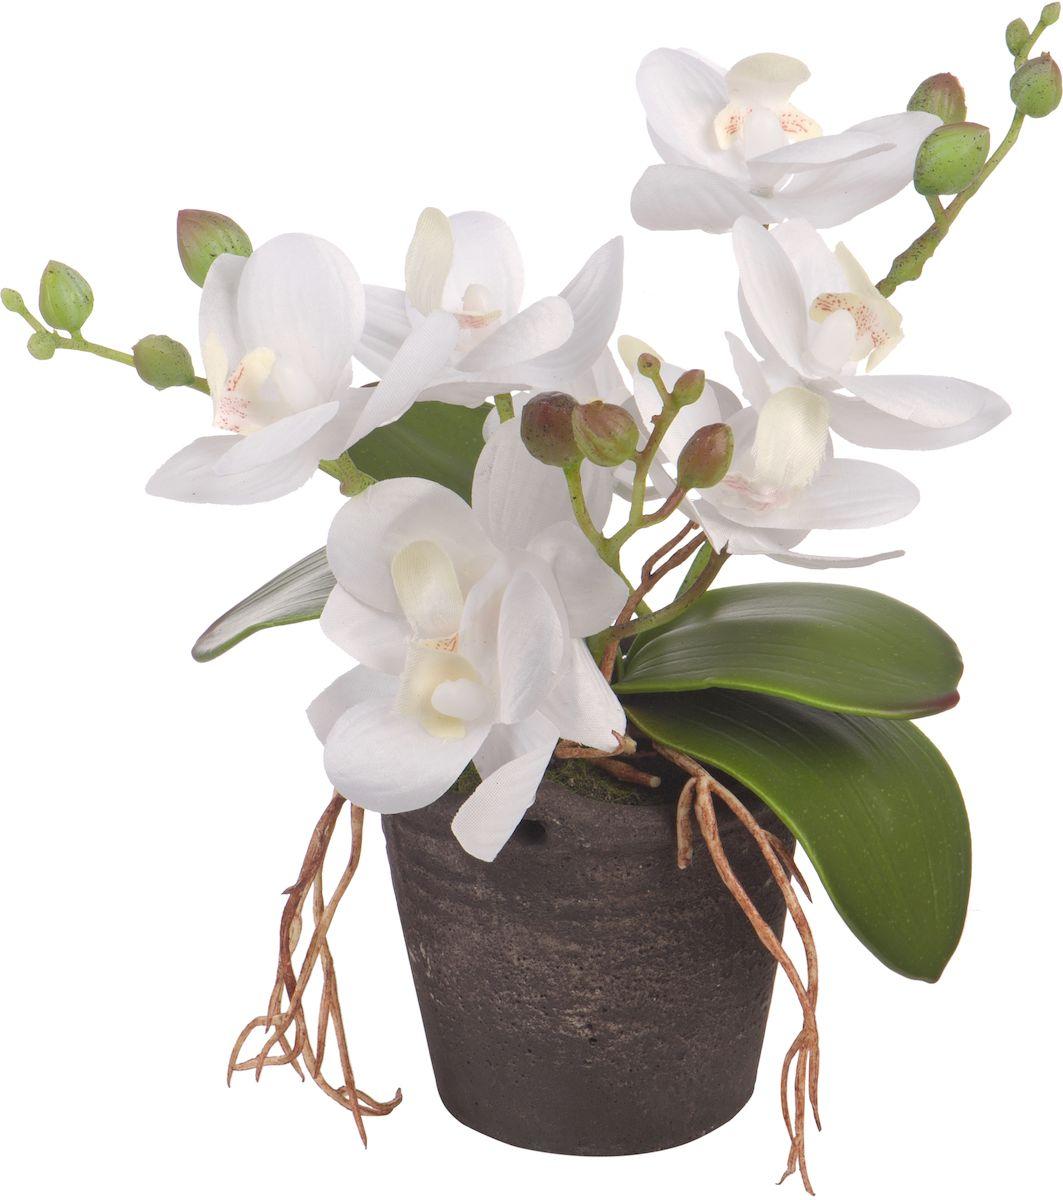 Цветы декоративные Engard Орхидея, в цветочном горшке, 18 смK100Искусственные цветы Engard - это популярное дизайнерское решение для создания природного колорита и гармонии в пространстве. Экзотическая орхидея в винтажном керамическом горшке высотой 18 см выполнена из высококачественного материала передающего неповторимую естественность является достойной альтернативой живым цветам. Не требует постоянного ухода.